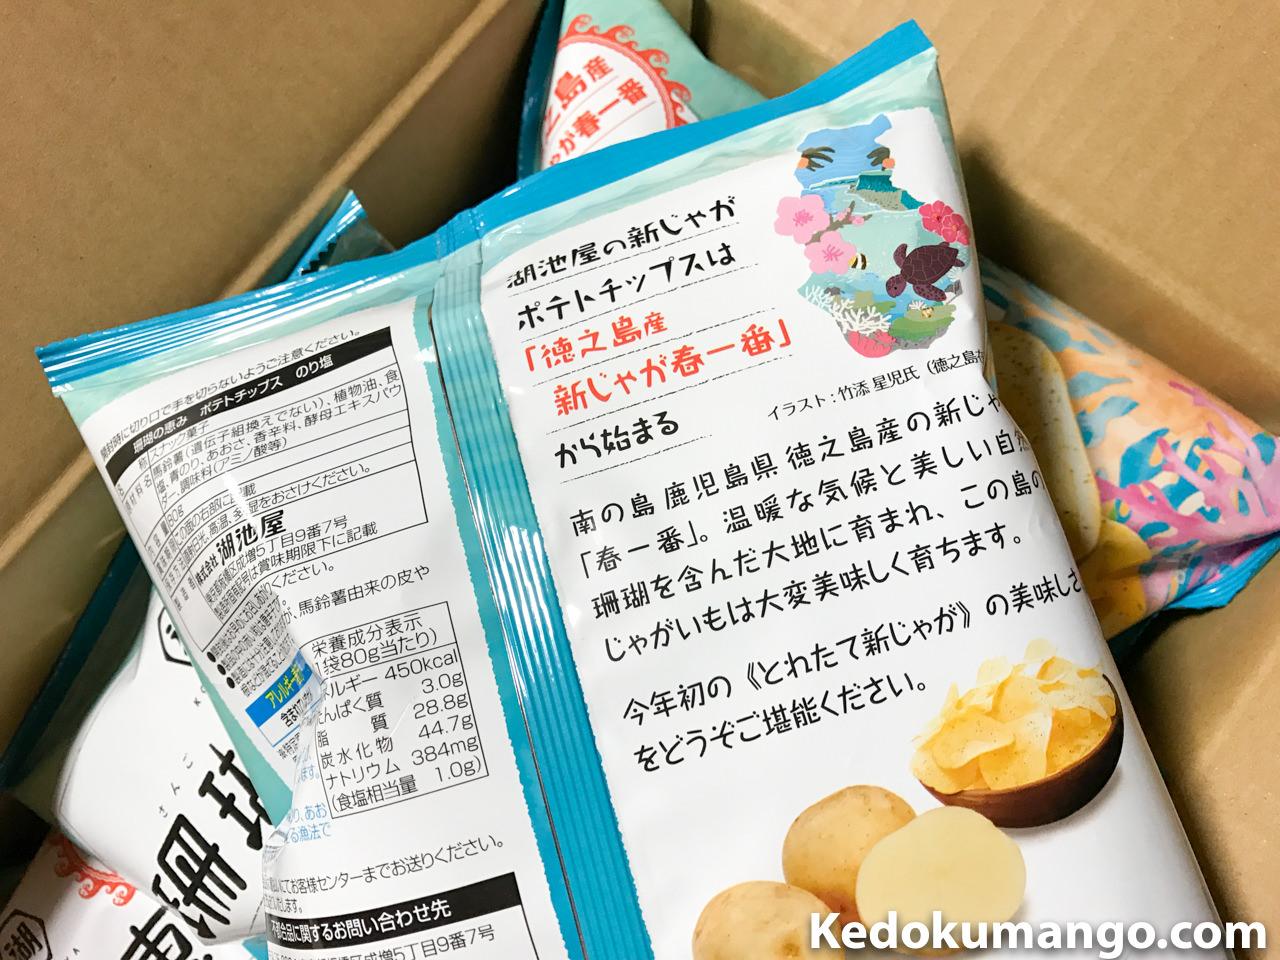 徳之島のイラストのプリントされたパッケージ